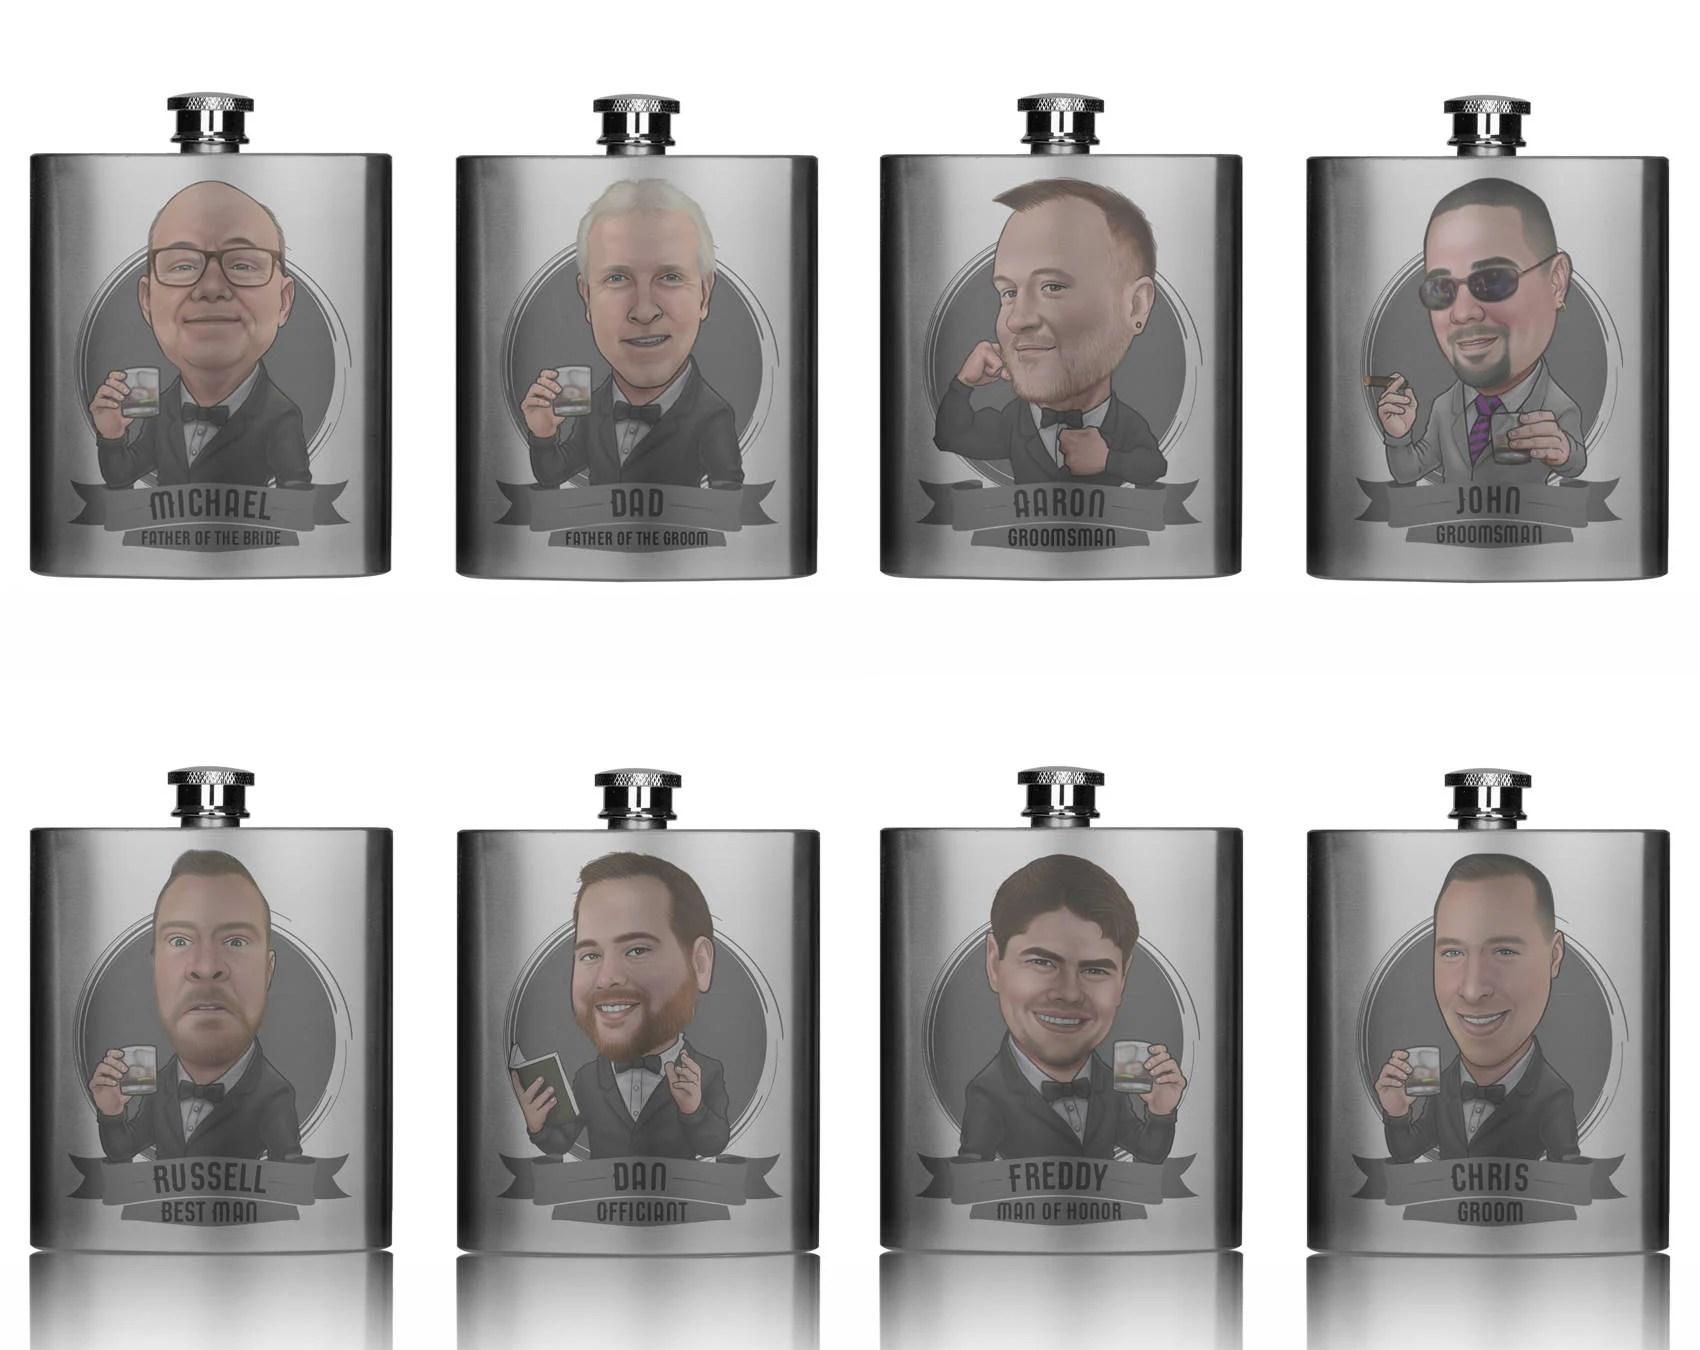 Groomsmen Gift Groomsmen Flasks Groomsmen Gifts image 1